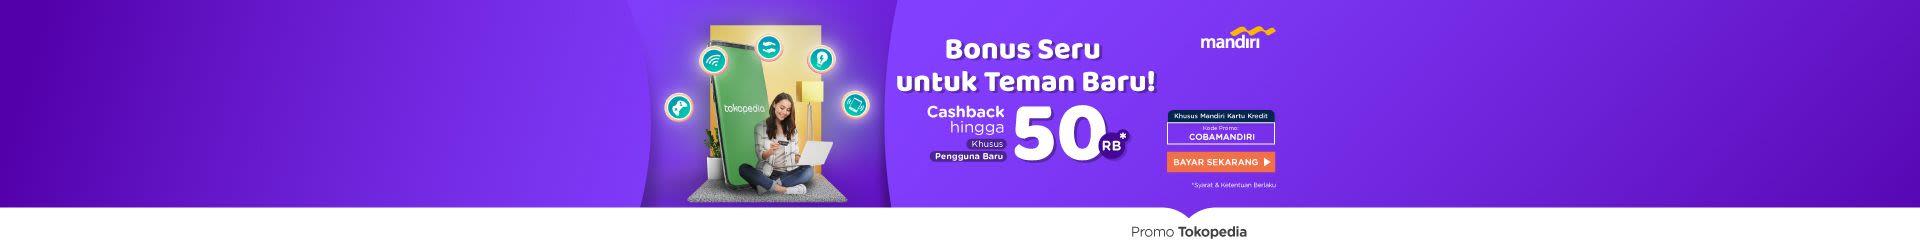 Bayar Produk Digital Cashback hingga Rp50.000*